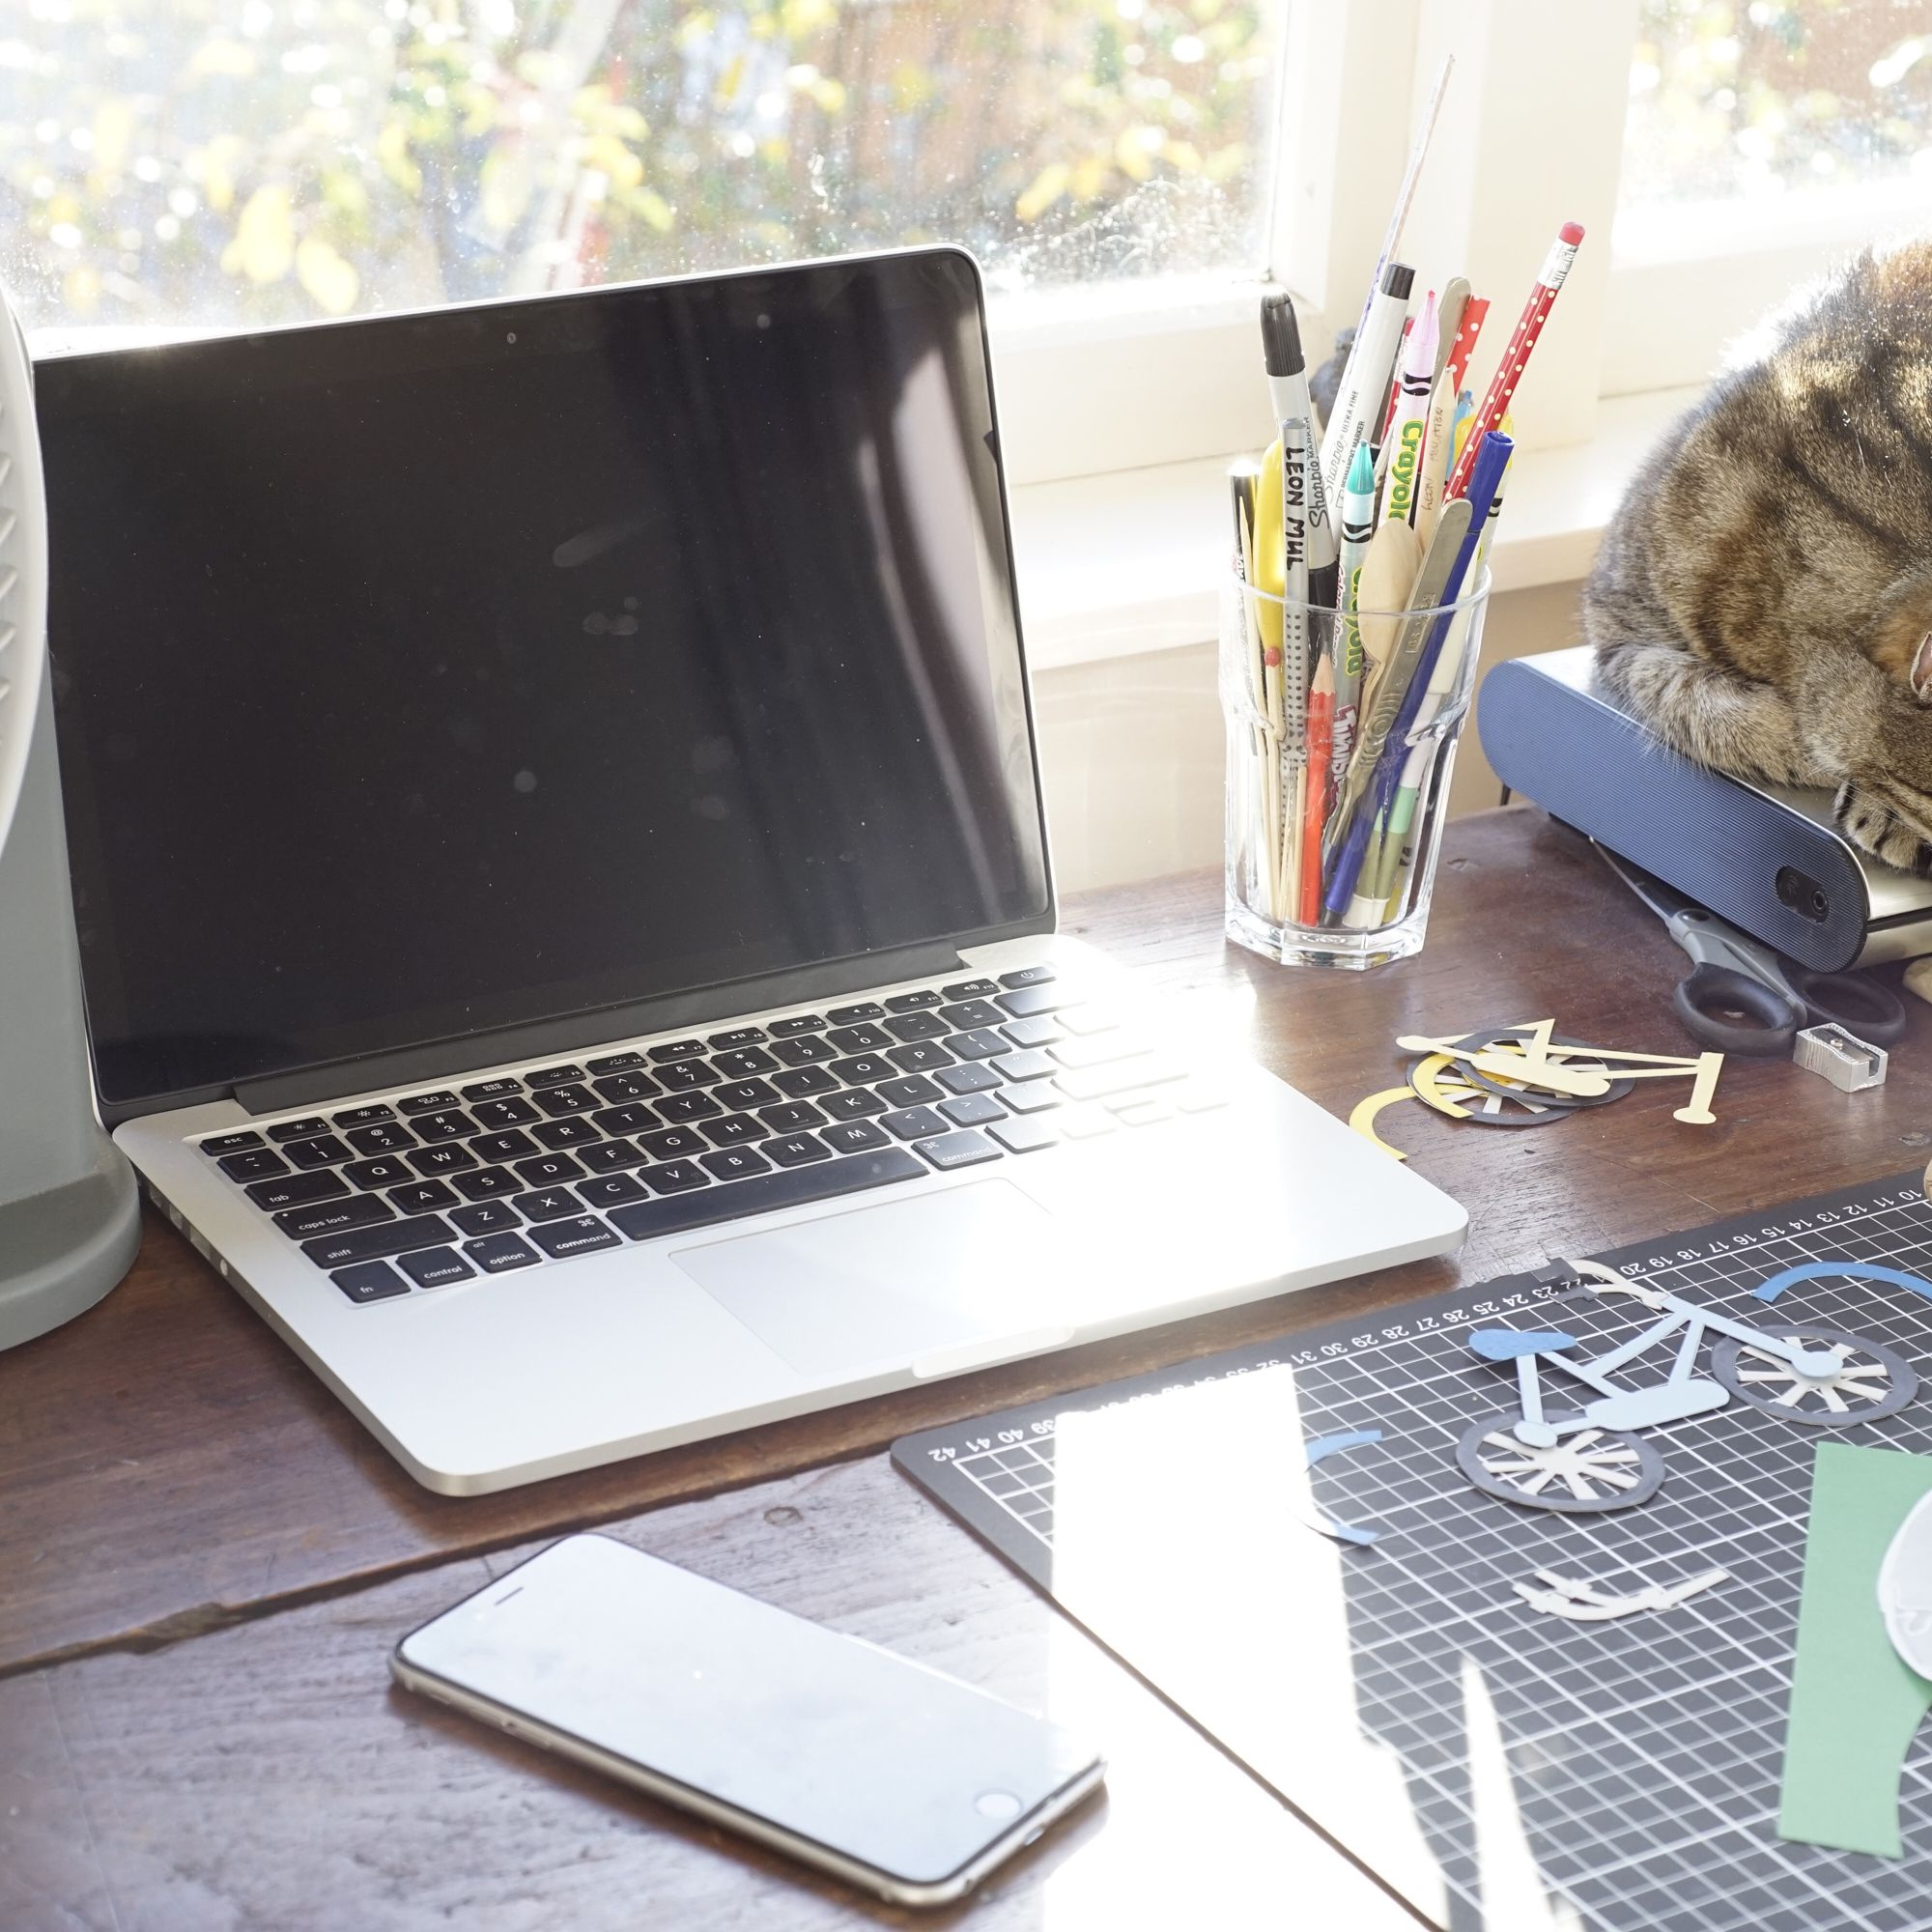 Widgets on Your Mac Desktop